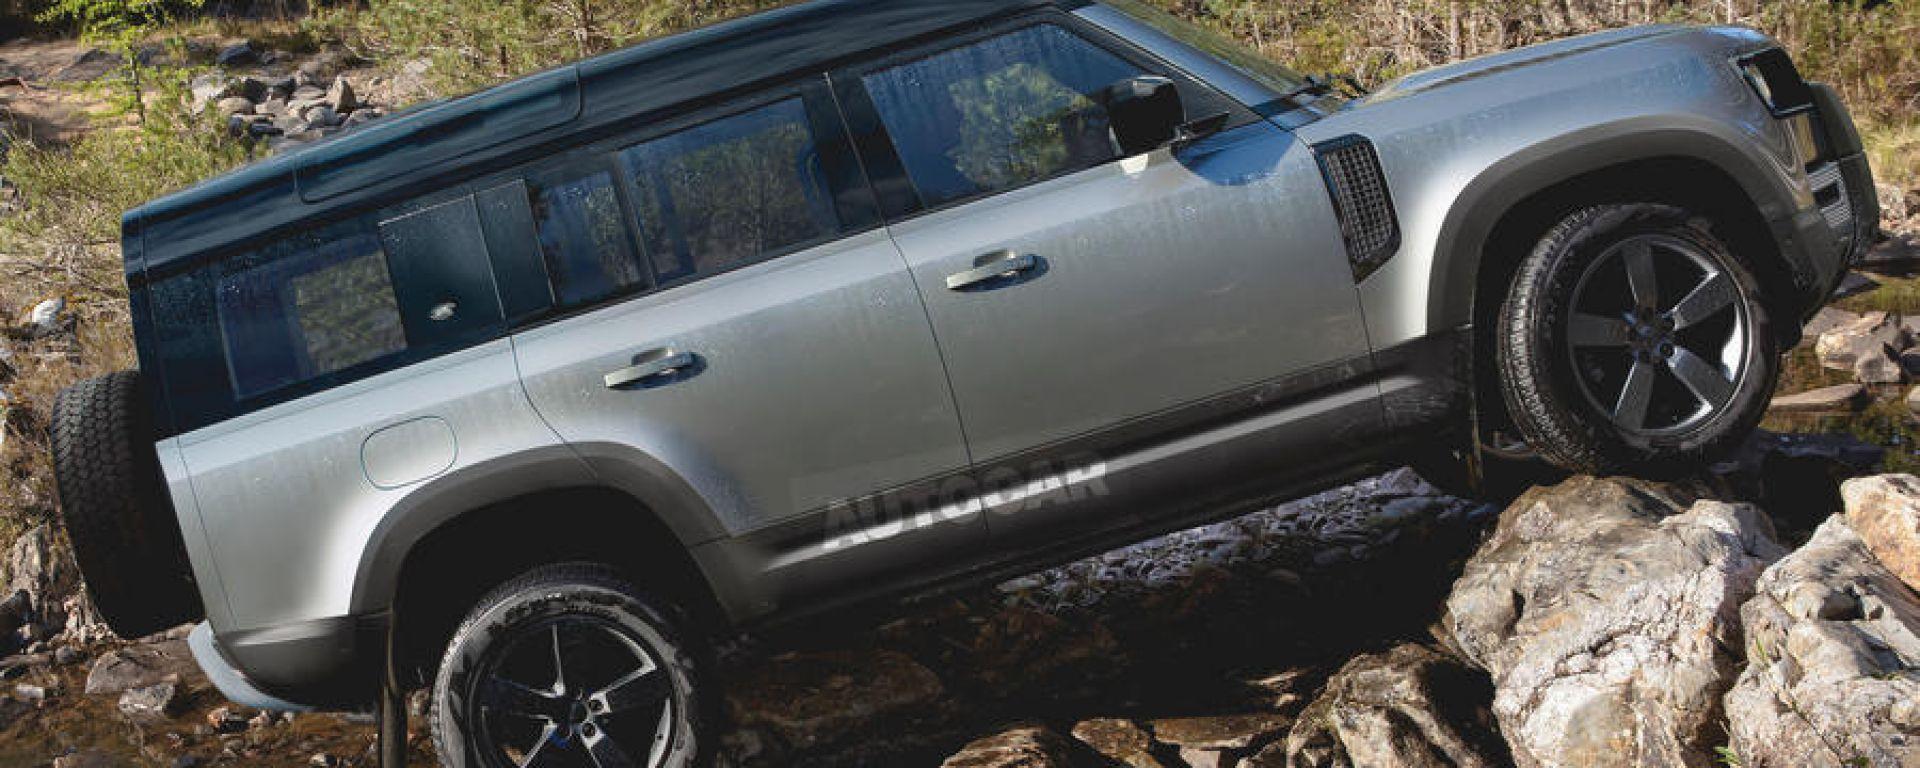 Land Rover Defender: per la 130 stesso passo della 110 ma sbalzo posteriore allungato